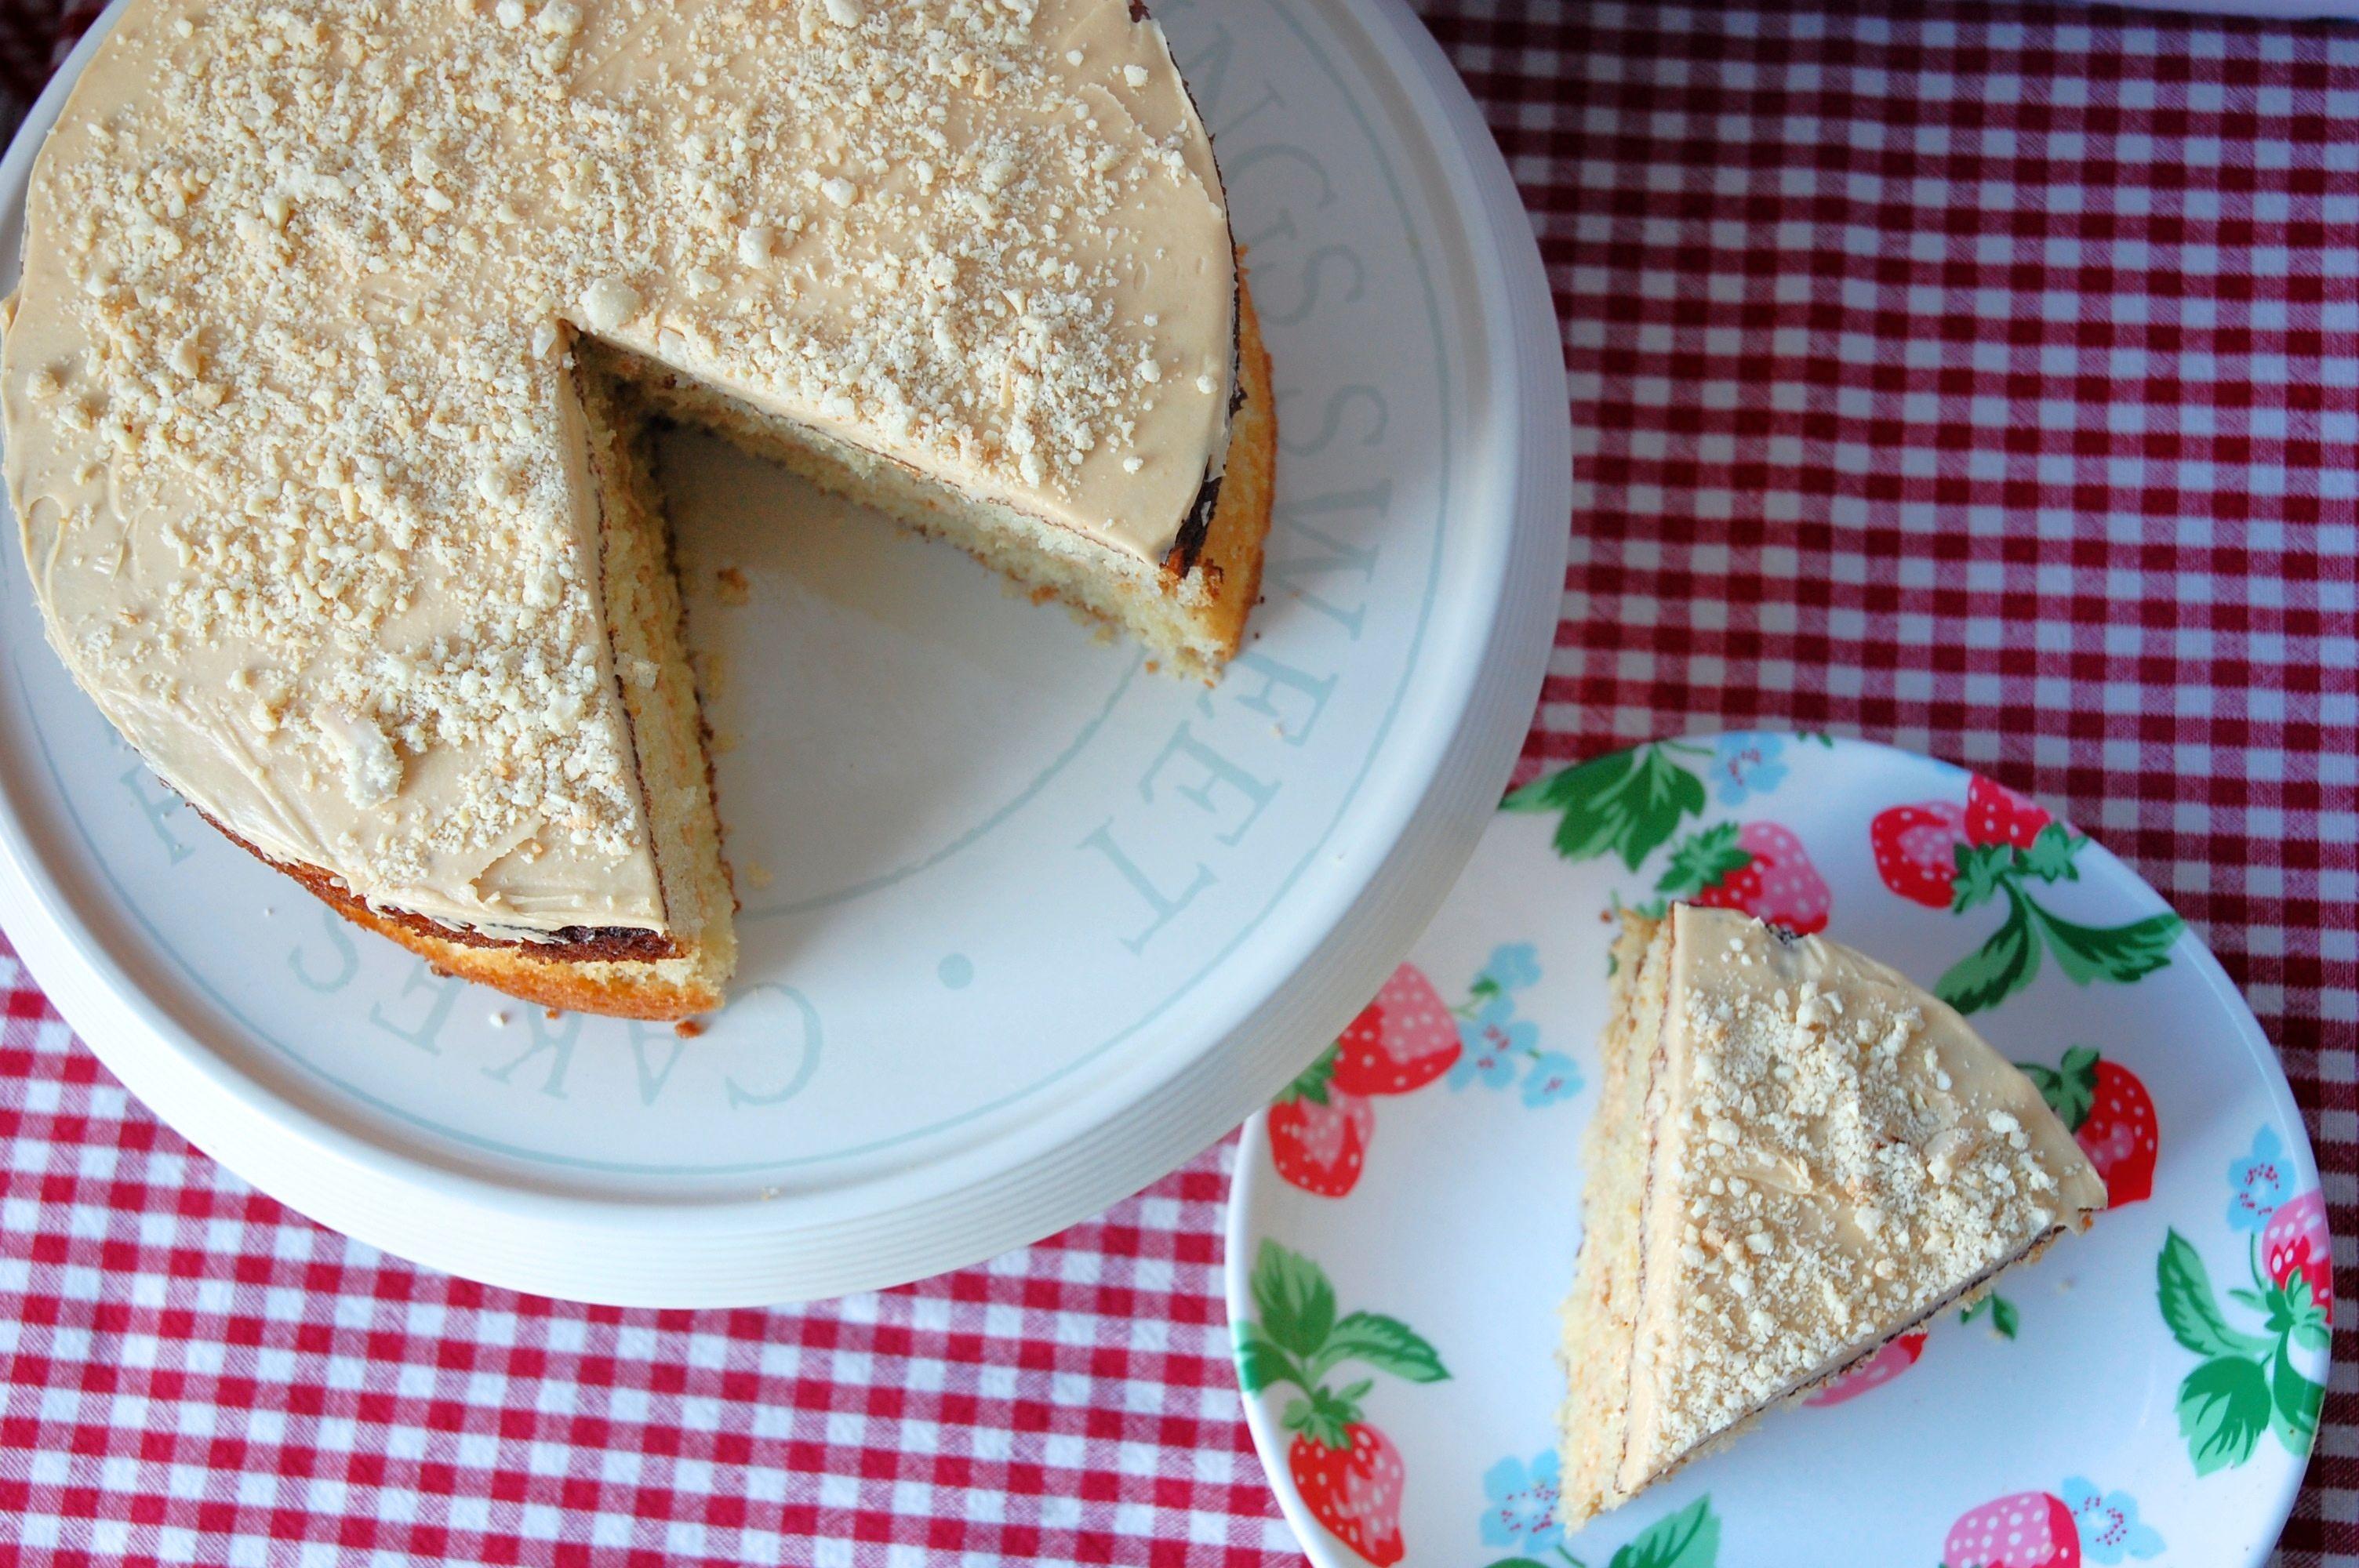 Peanut Cake with Caramel Buttercream